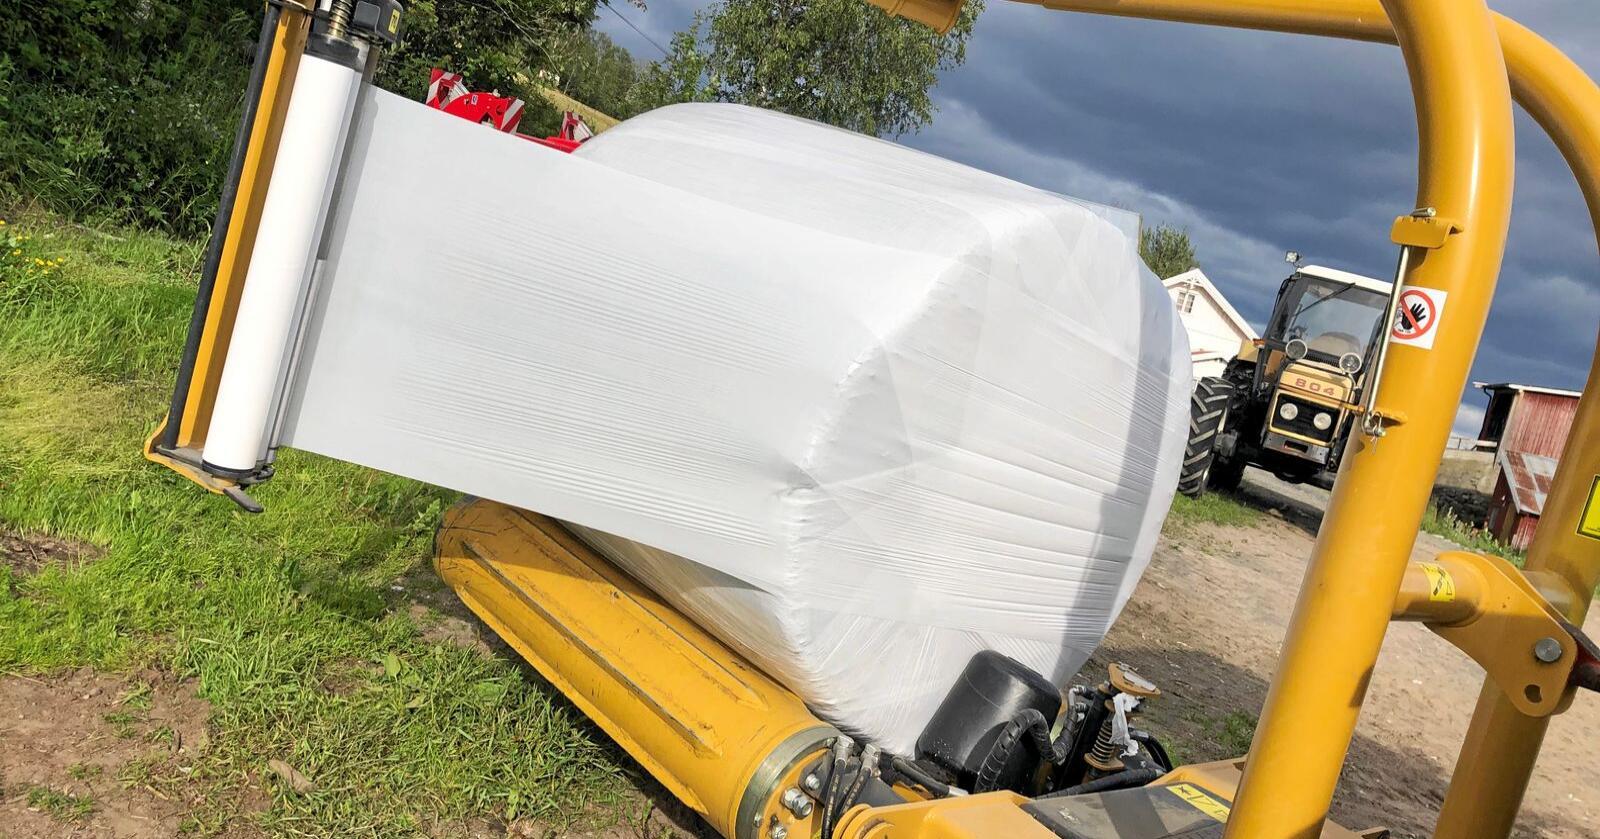 På seinsommeren i fjor ble det kjent at mer enn 2000 tonn landbruksplast ikke blir levert til gjenvinning. Foto: Lars Bilit Hagen